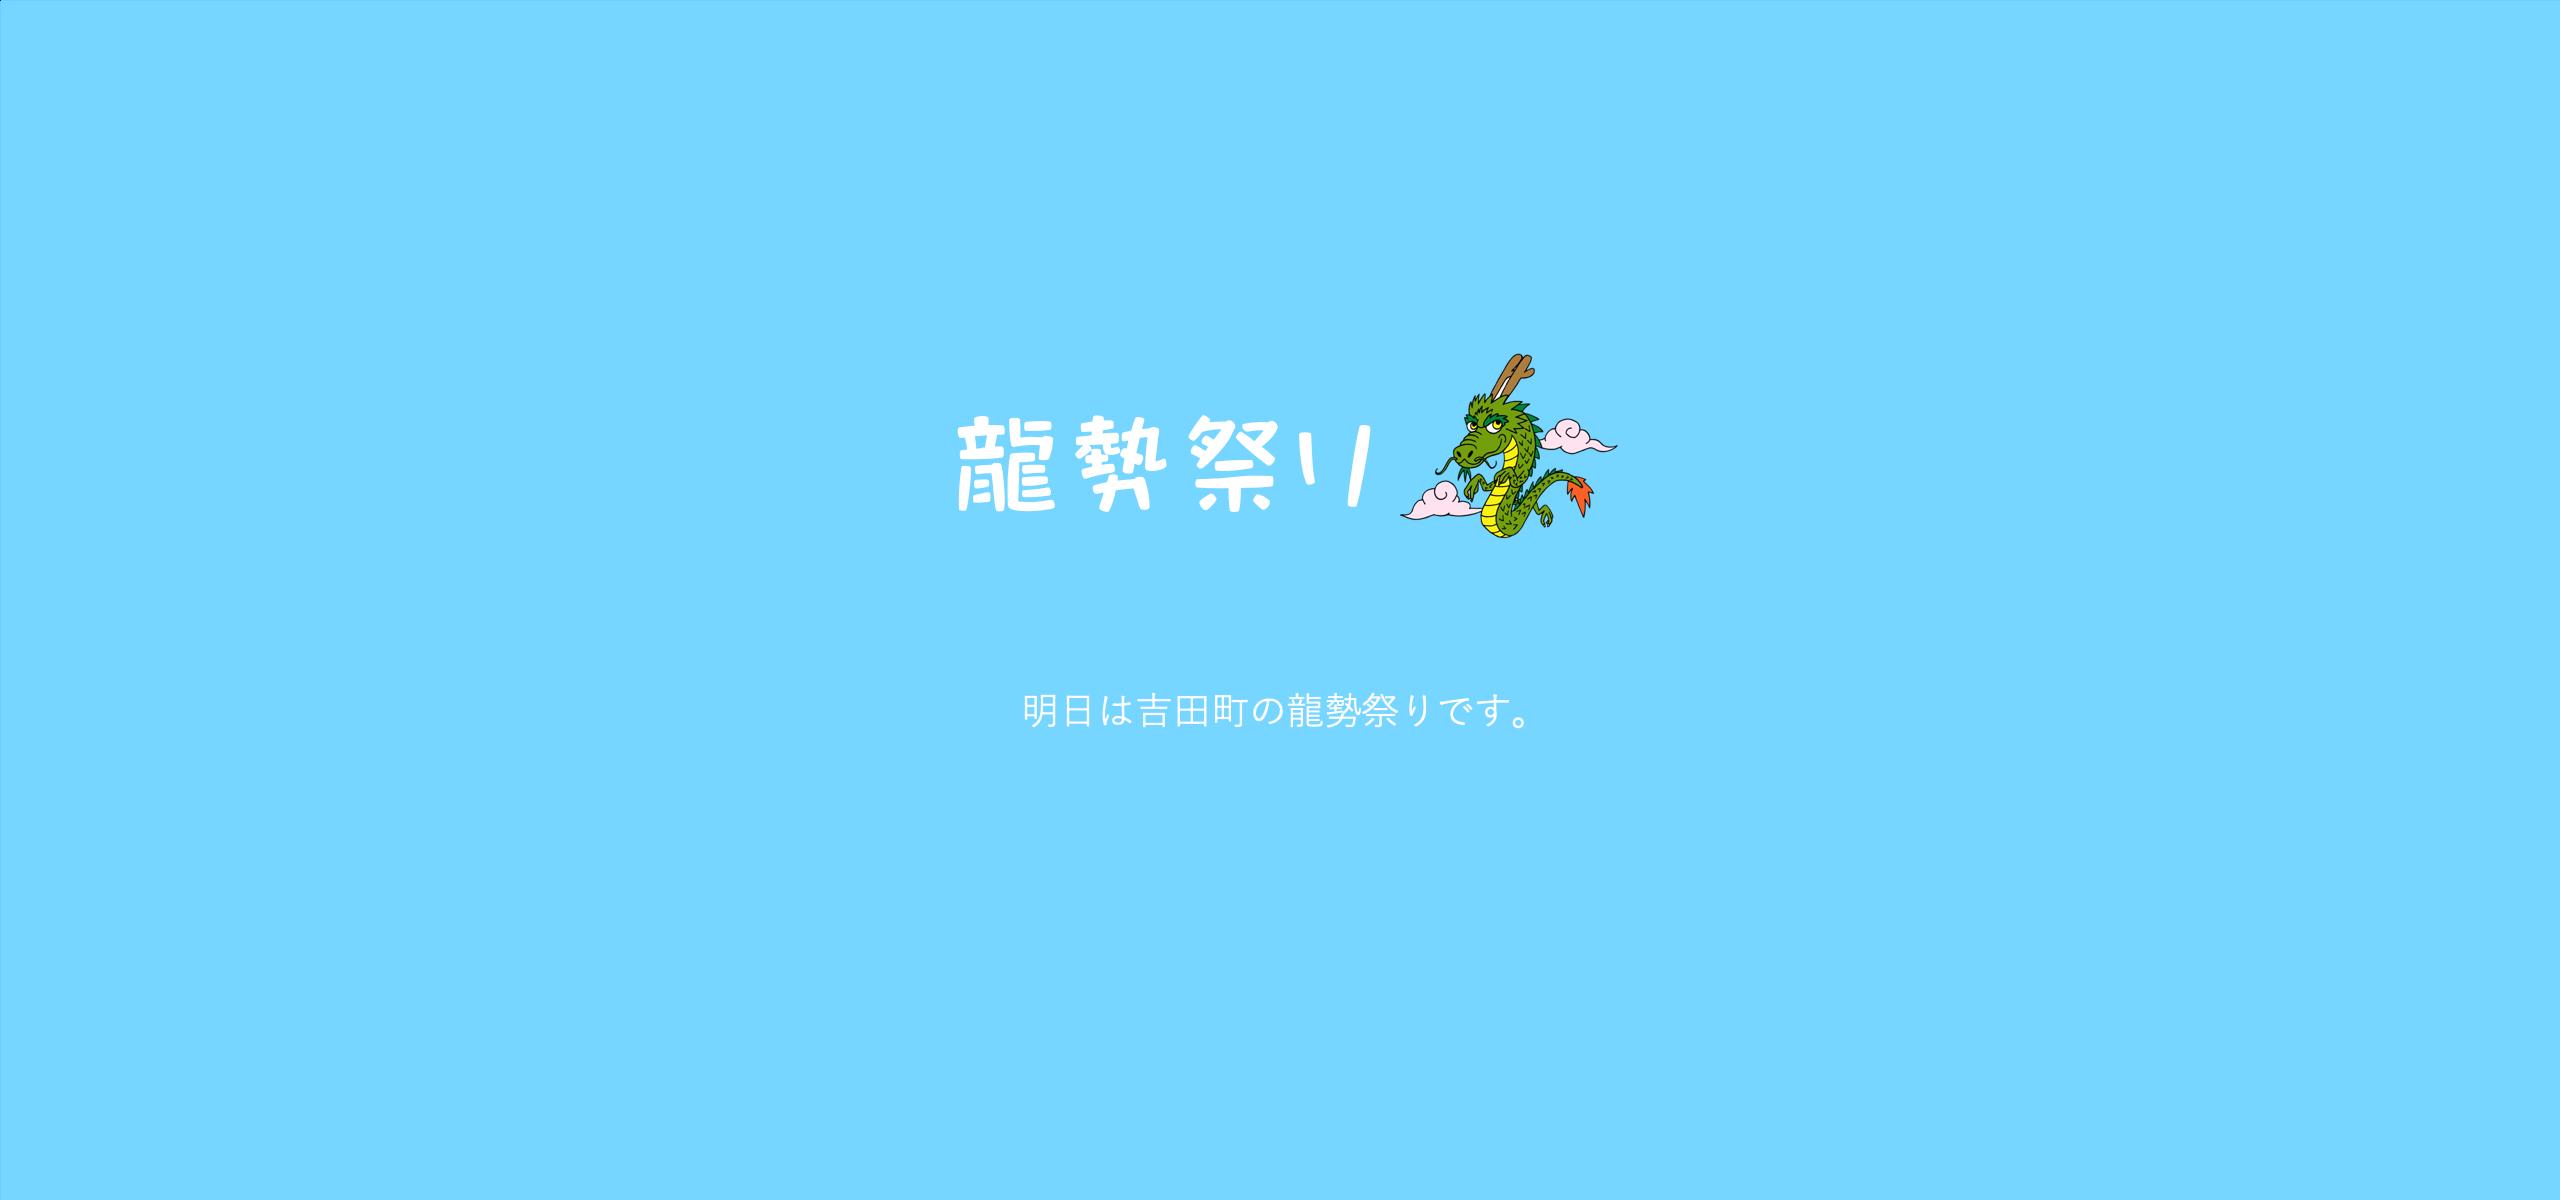 明日は龍勢祭りです